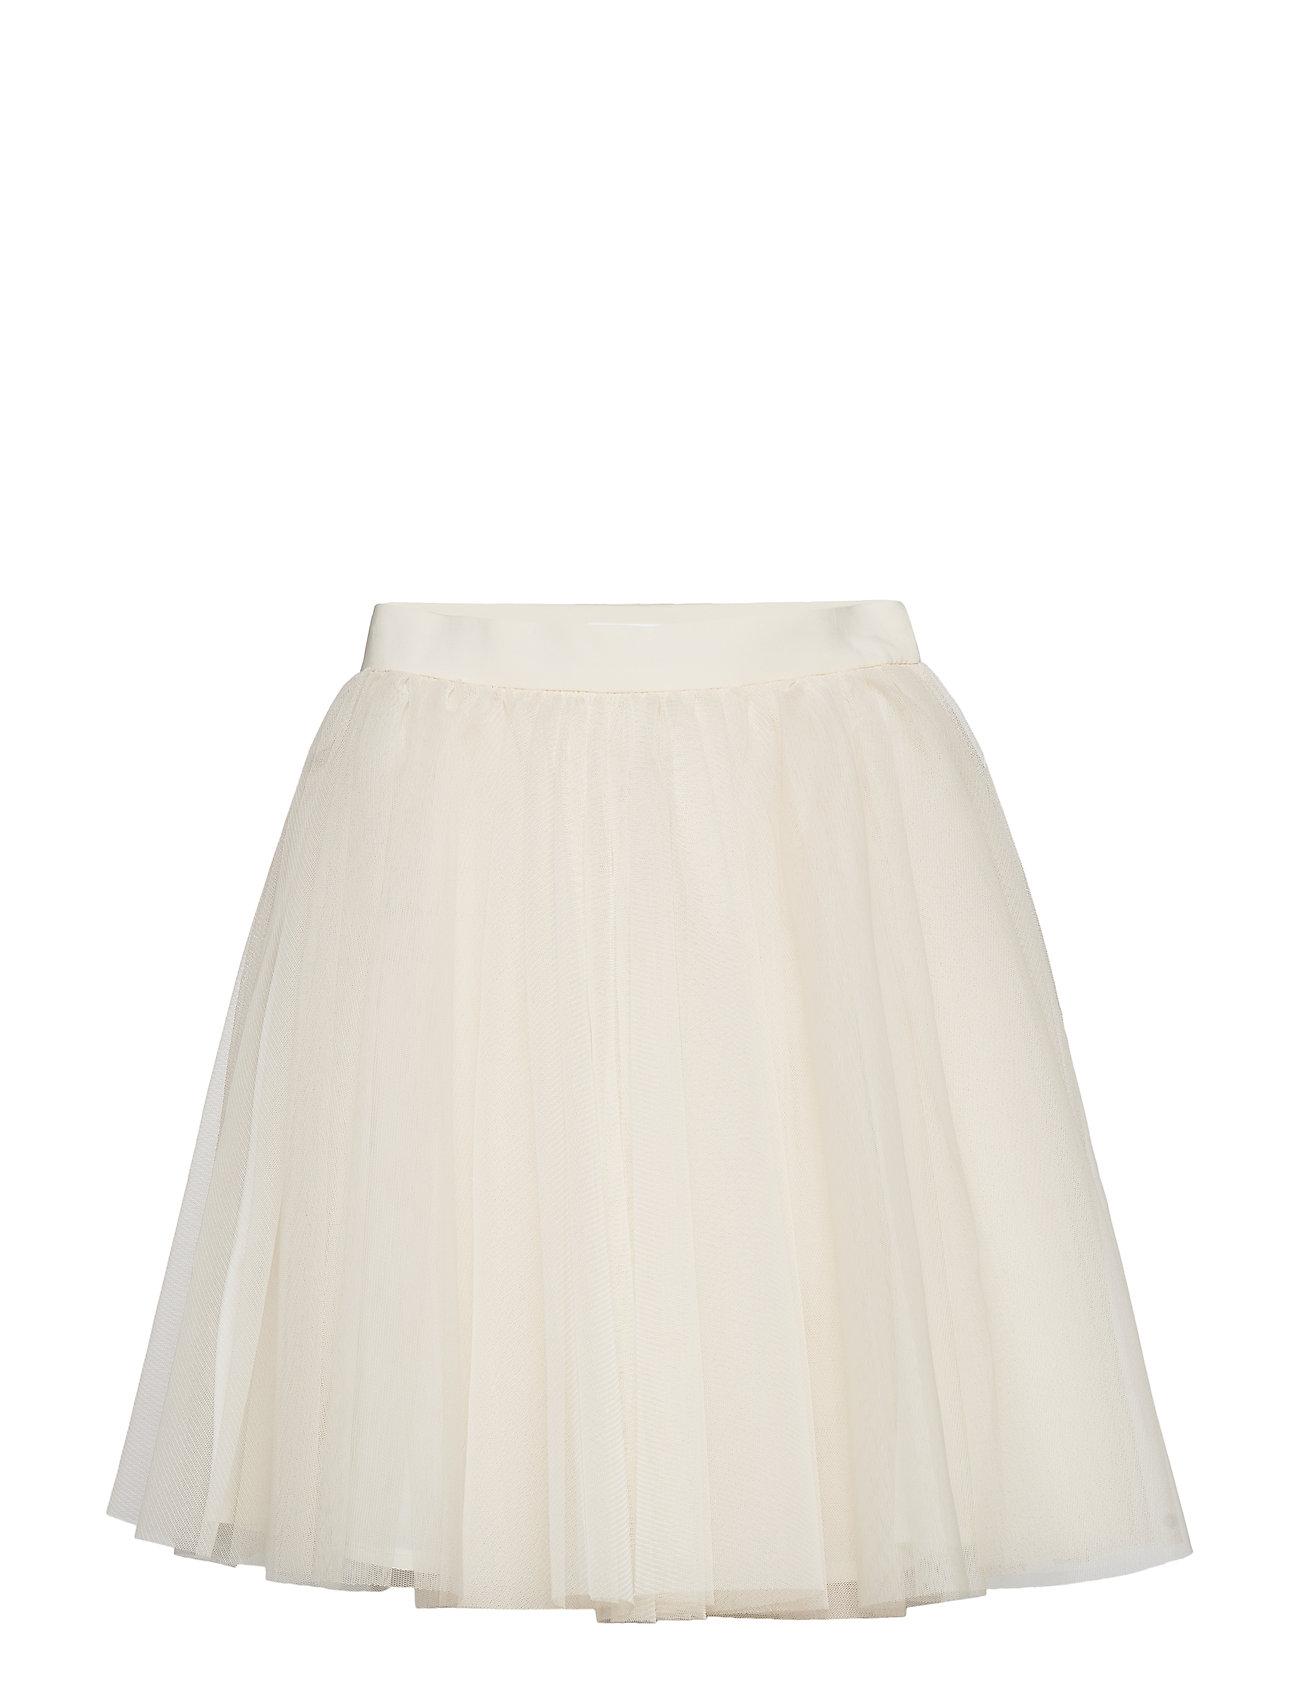 Jolie Skirt